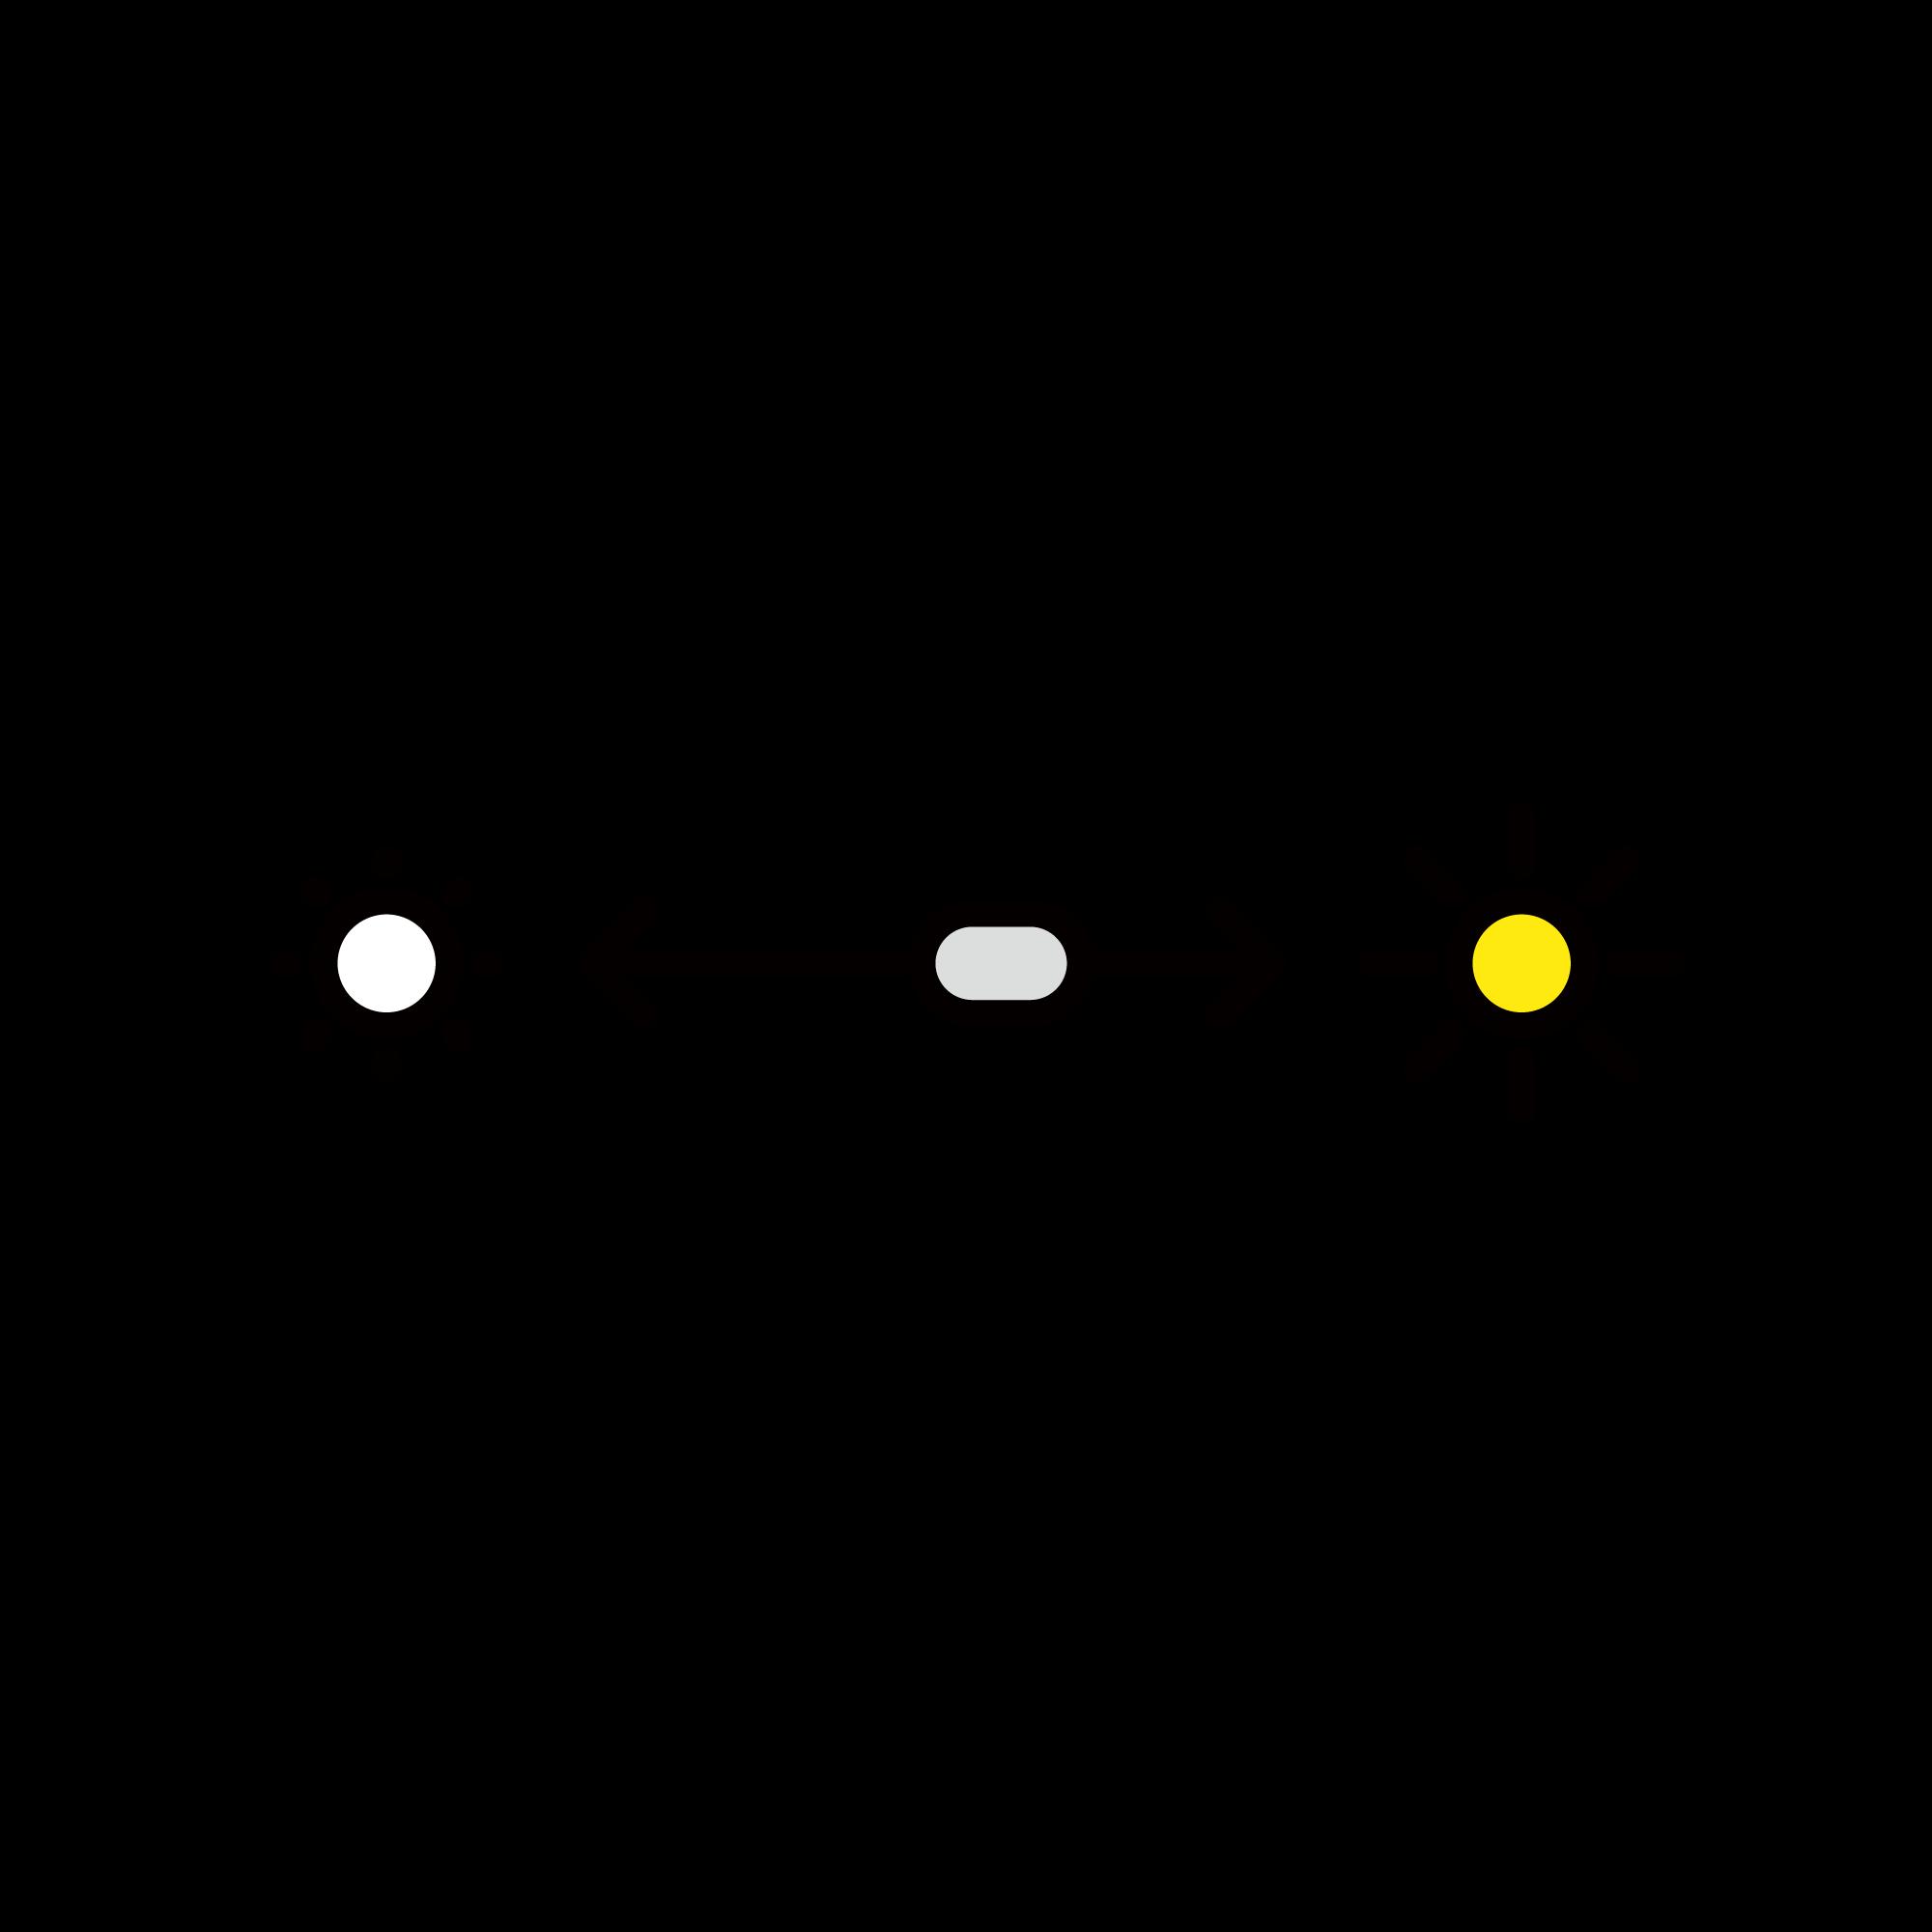 調光・調色機能つき照明